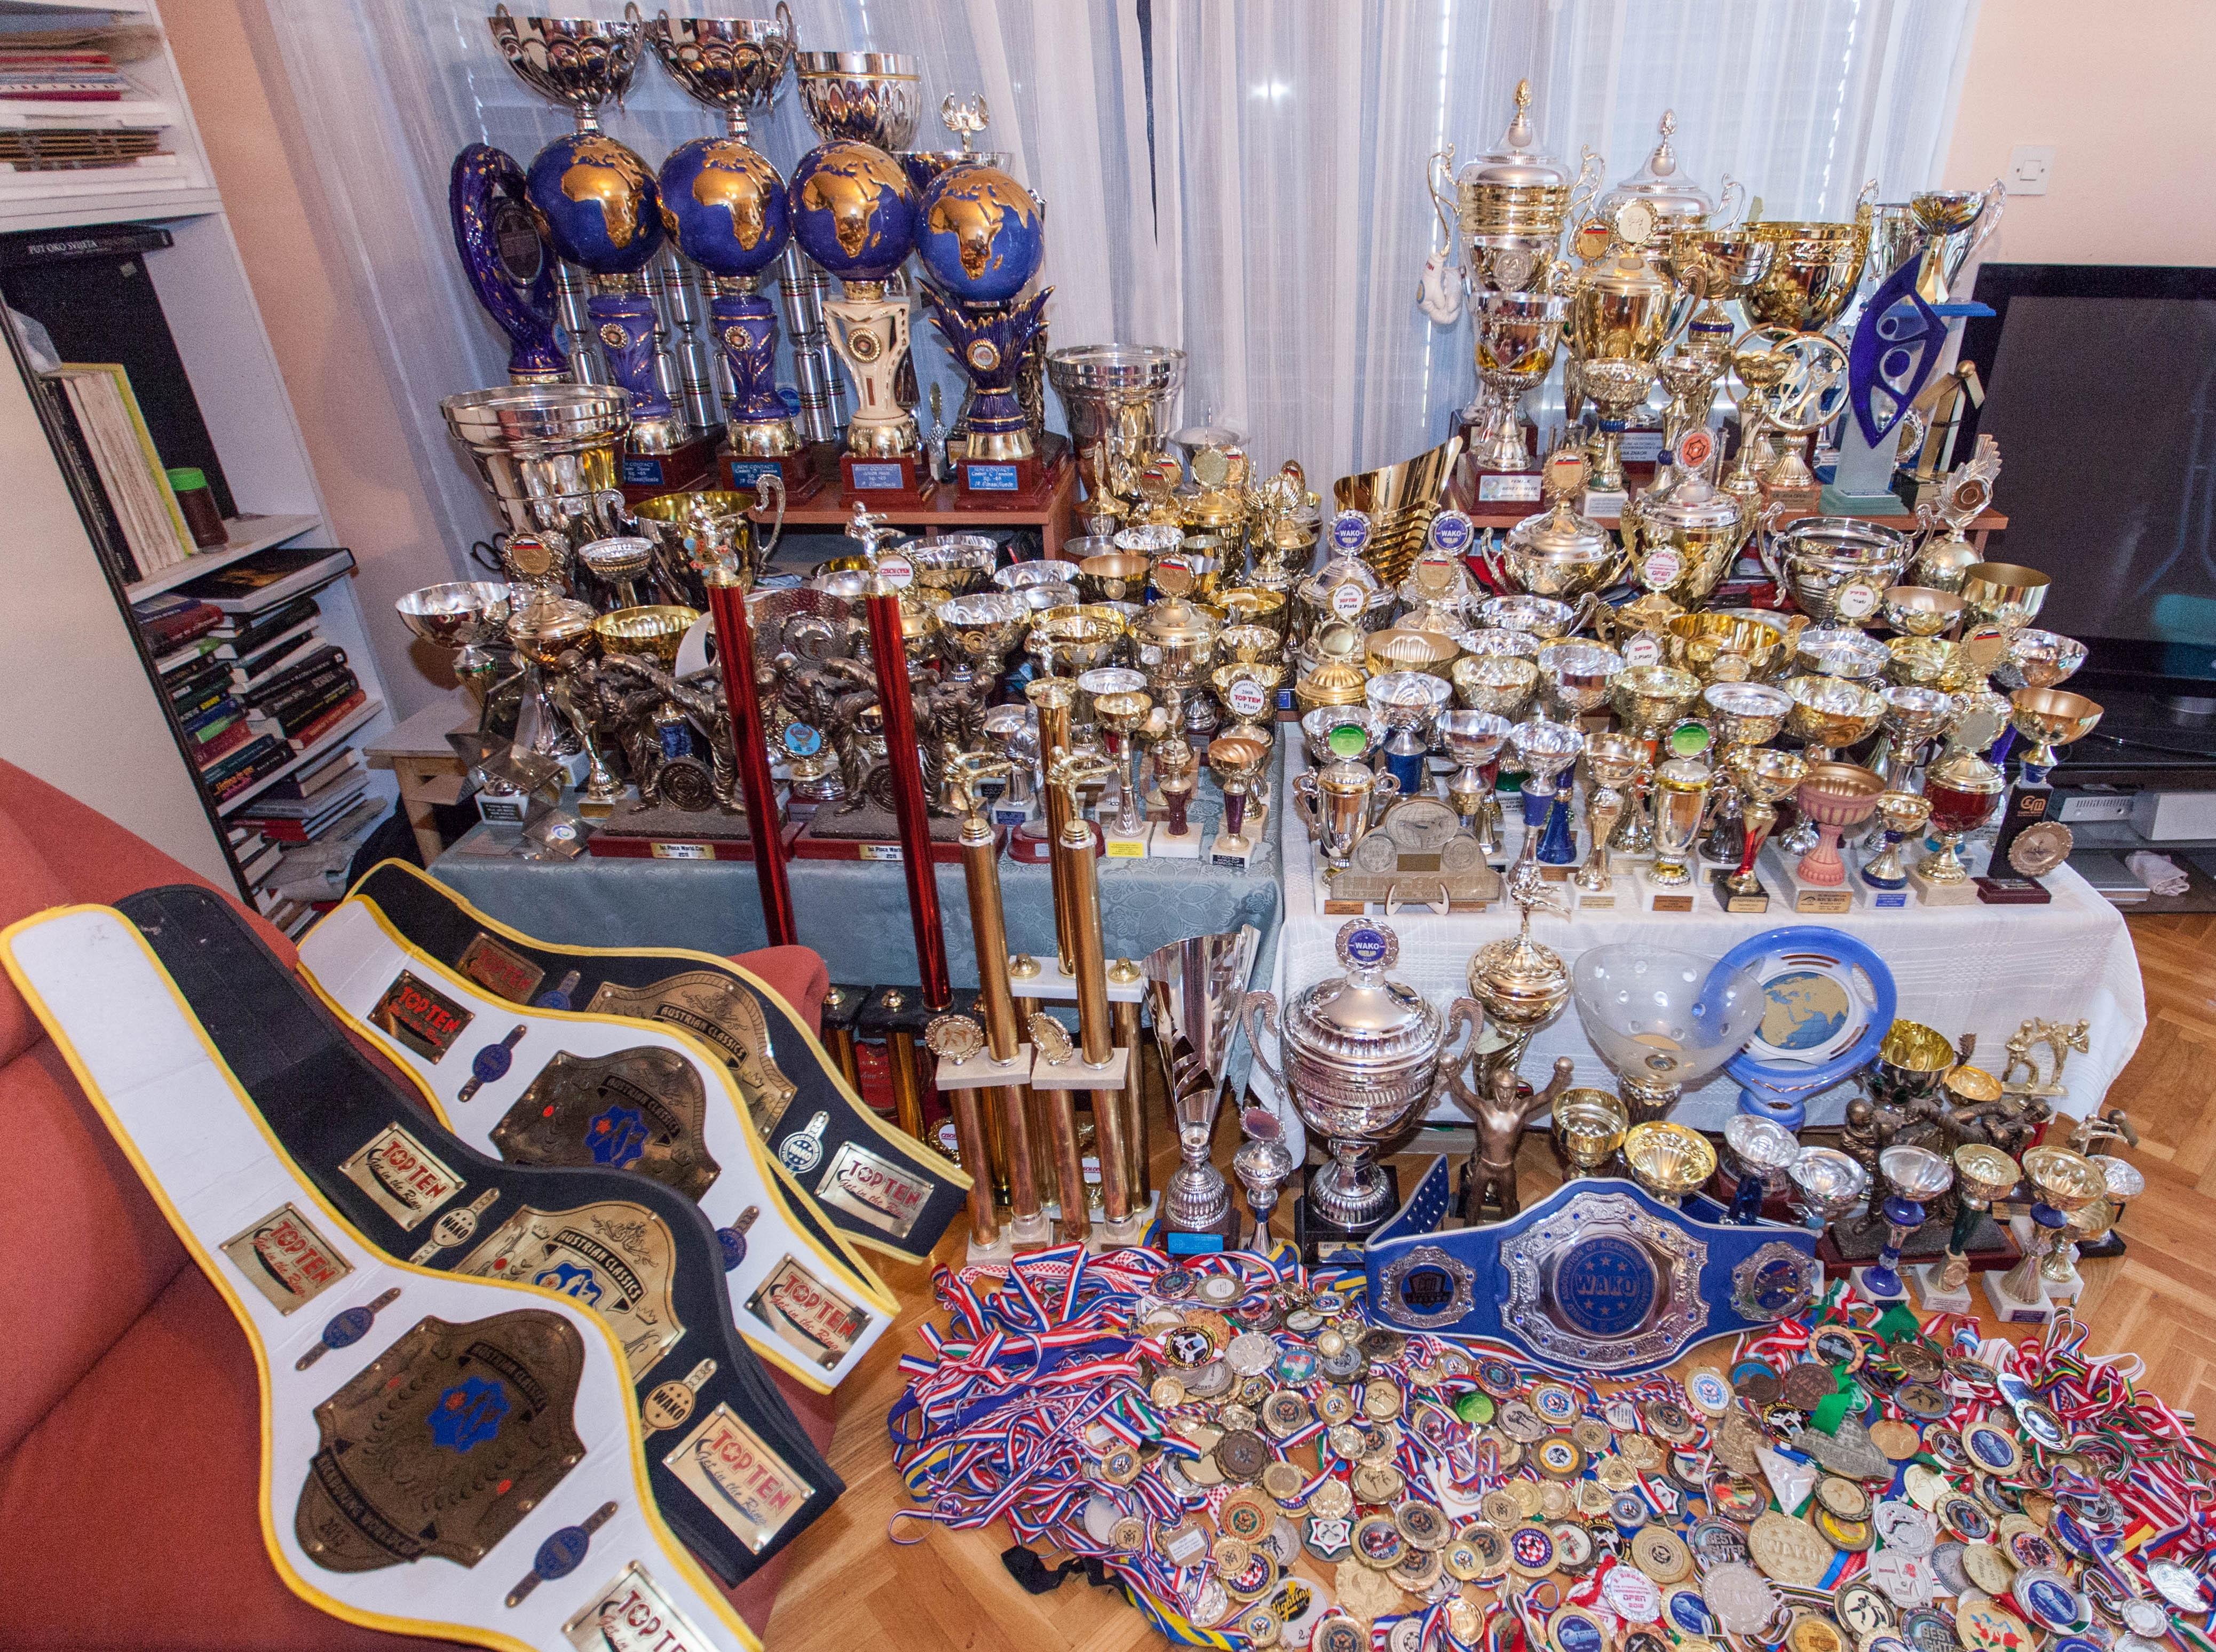 1-Ana Znaor, pehari, pojasi, medalje Kako izgraditi uspješnu sportsku karijeru i postati višestruka svjetska kickboxing prvakinja INTERVJU